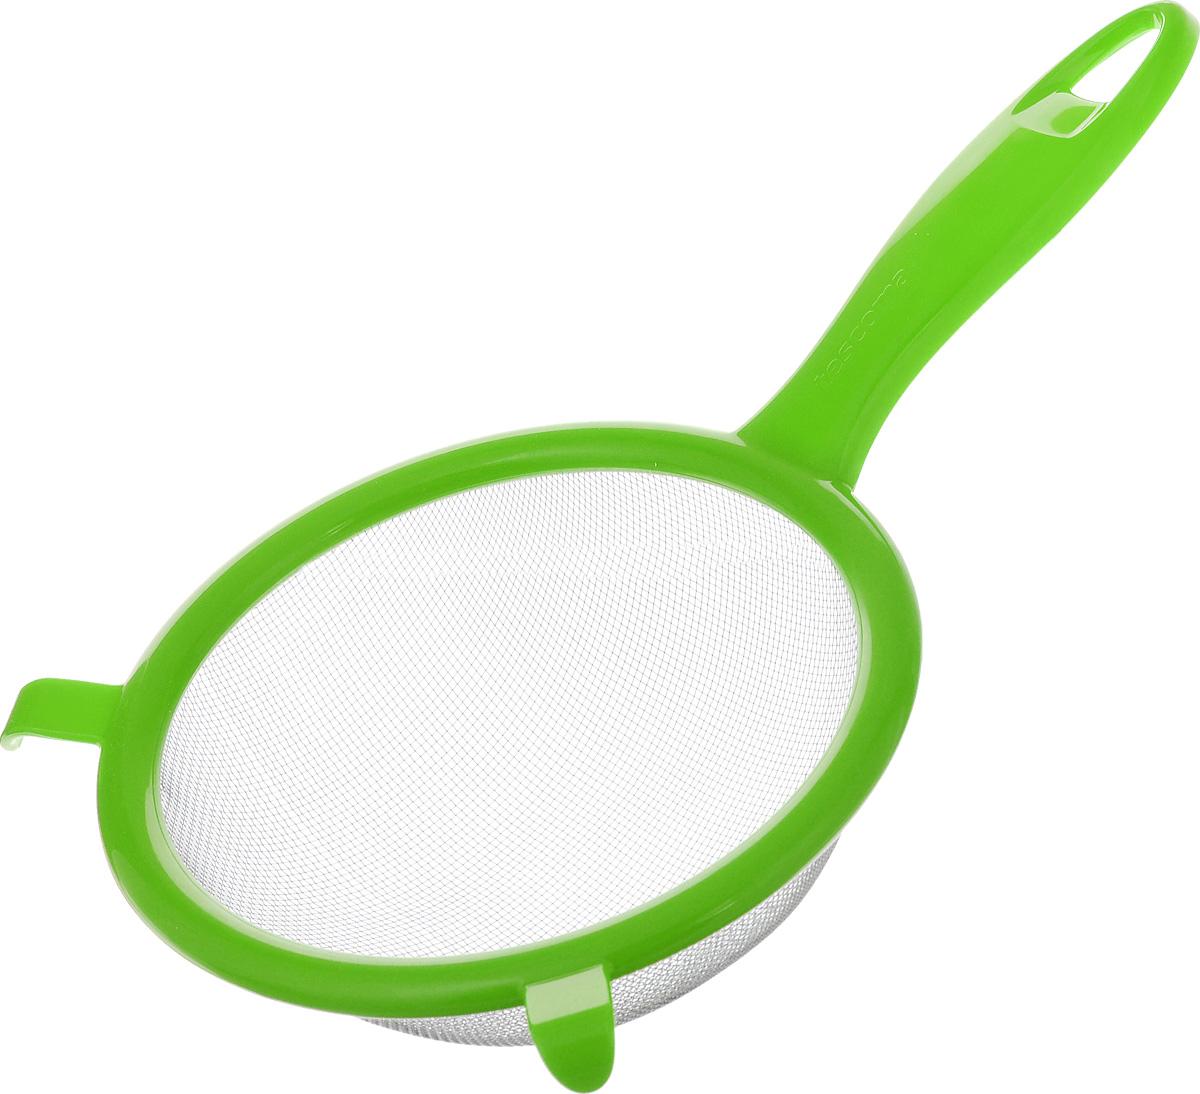 Сито Tescoma Presto, цвет: светло-зеленый, диаметр 14 см420604_светло-зеленыйСито Tescoma Presto изготовлено из высококачественной нержавеющей стали и прочного пластика. Изделие снабжено двумя выступами для установки на кастрюлю. Ручка снабжена отверстием для подвешивания на крючок. Сито предназначено для процеживания круп и макарон, просеивания муки, промывания ягод и фруктов.Такое сито станет незаменимым аксессуаром на вашей кухне.Можно мыть в посудомоечной машине.Диаметр сита: 14 см.Длина (с учетом ручки): 25 см.